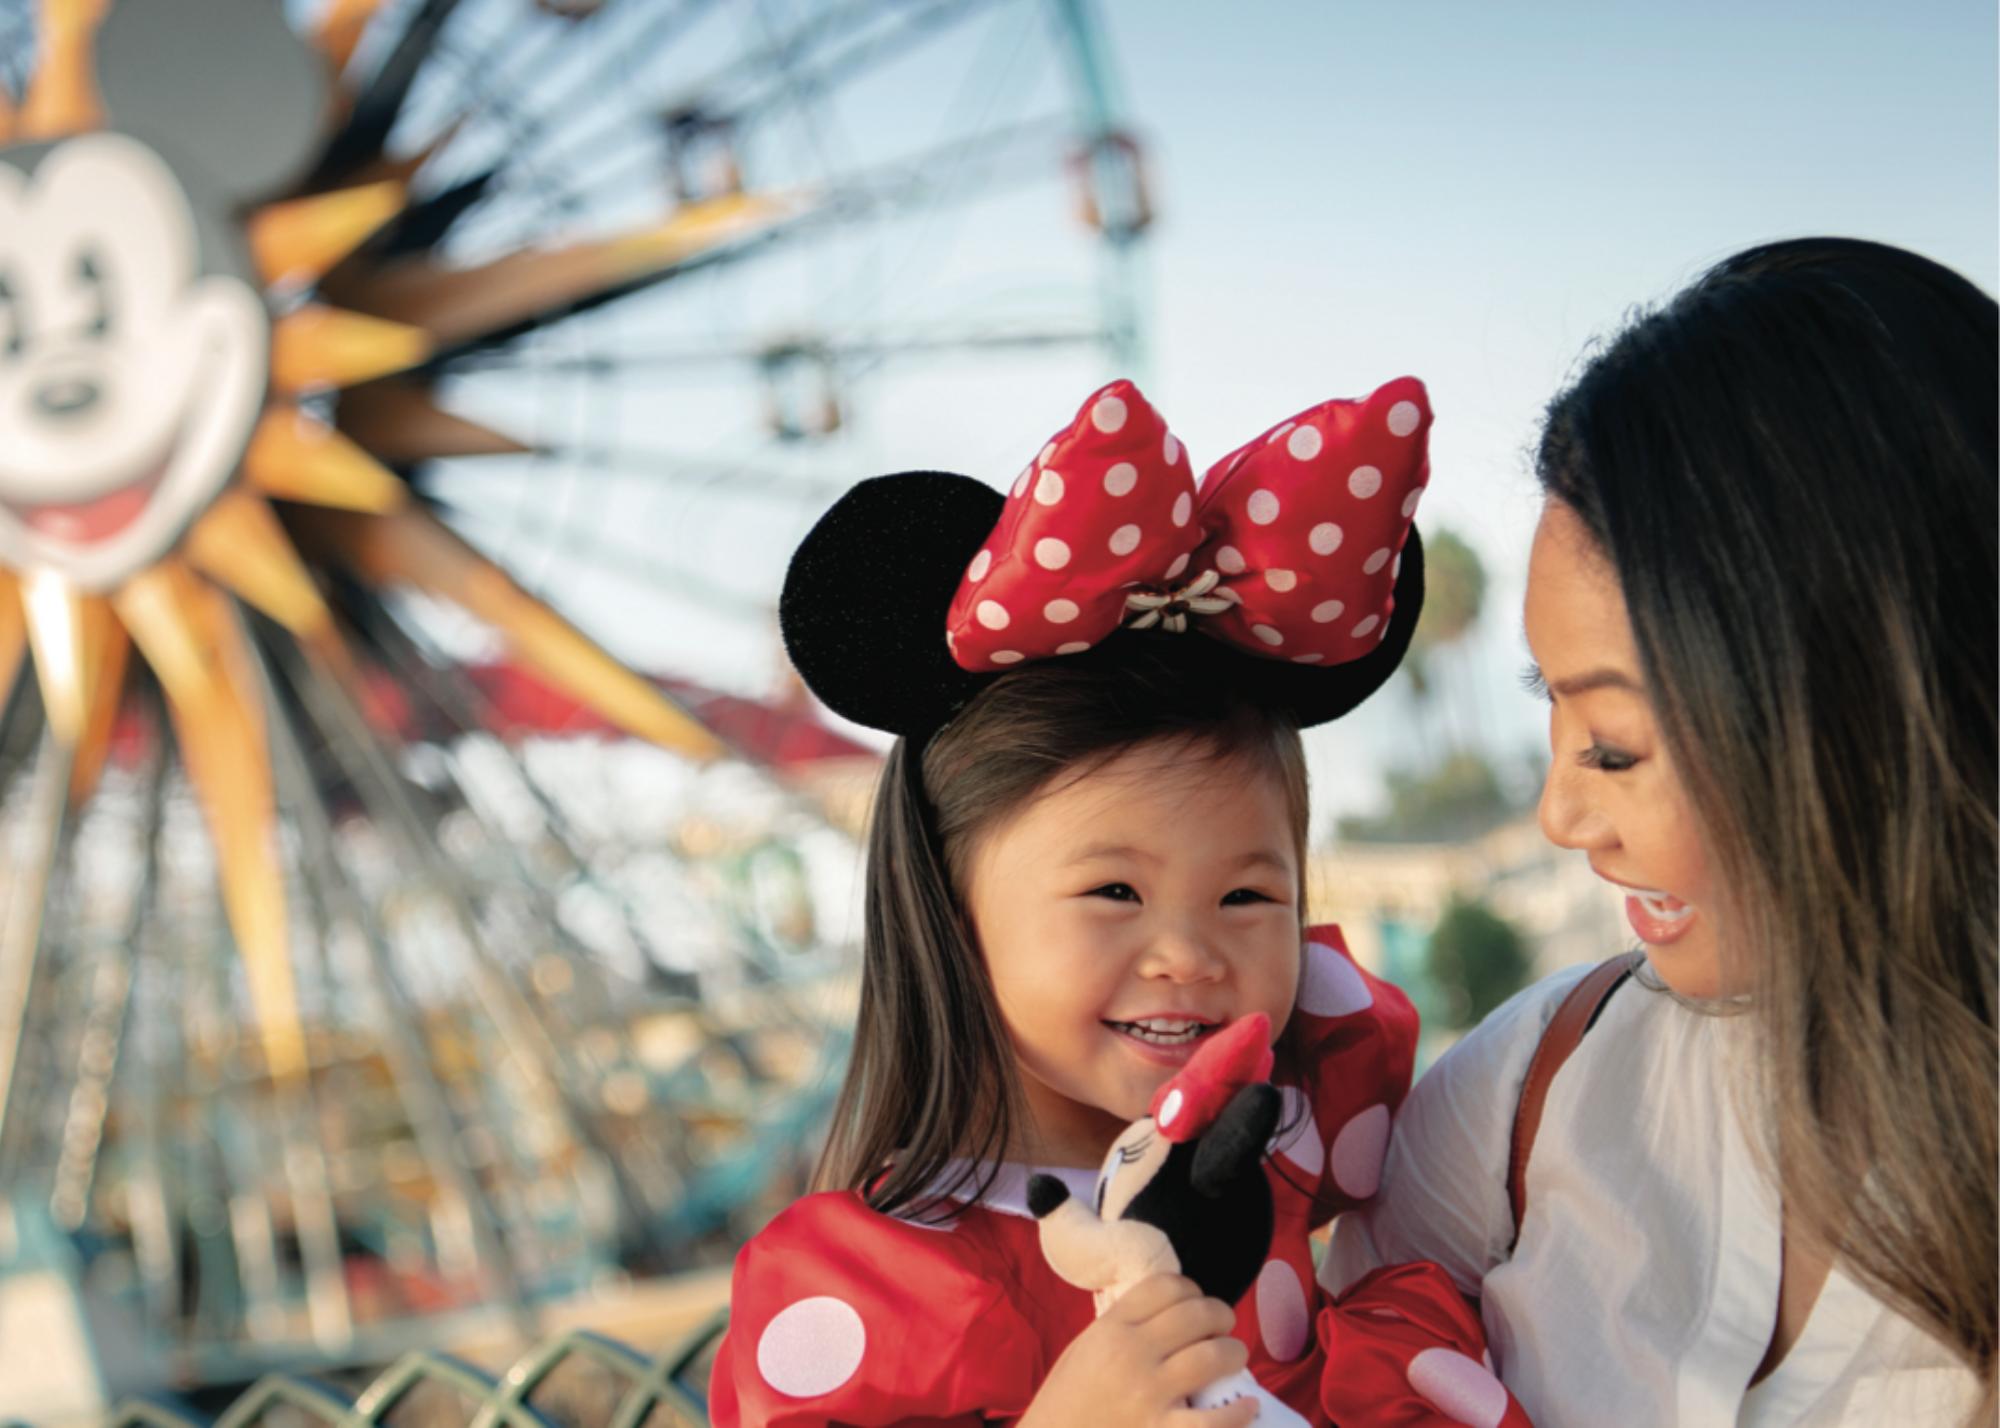 ¡Participa para tu oportunidad de ganar boletos para Disneyland!